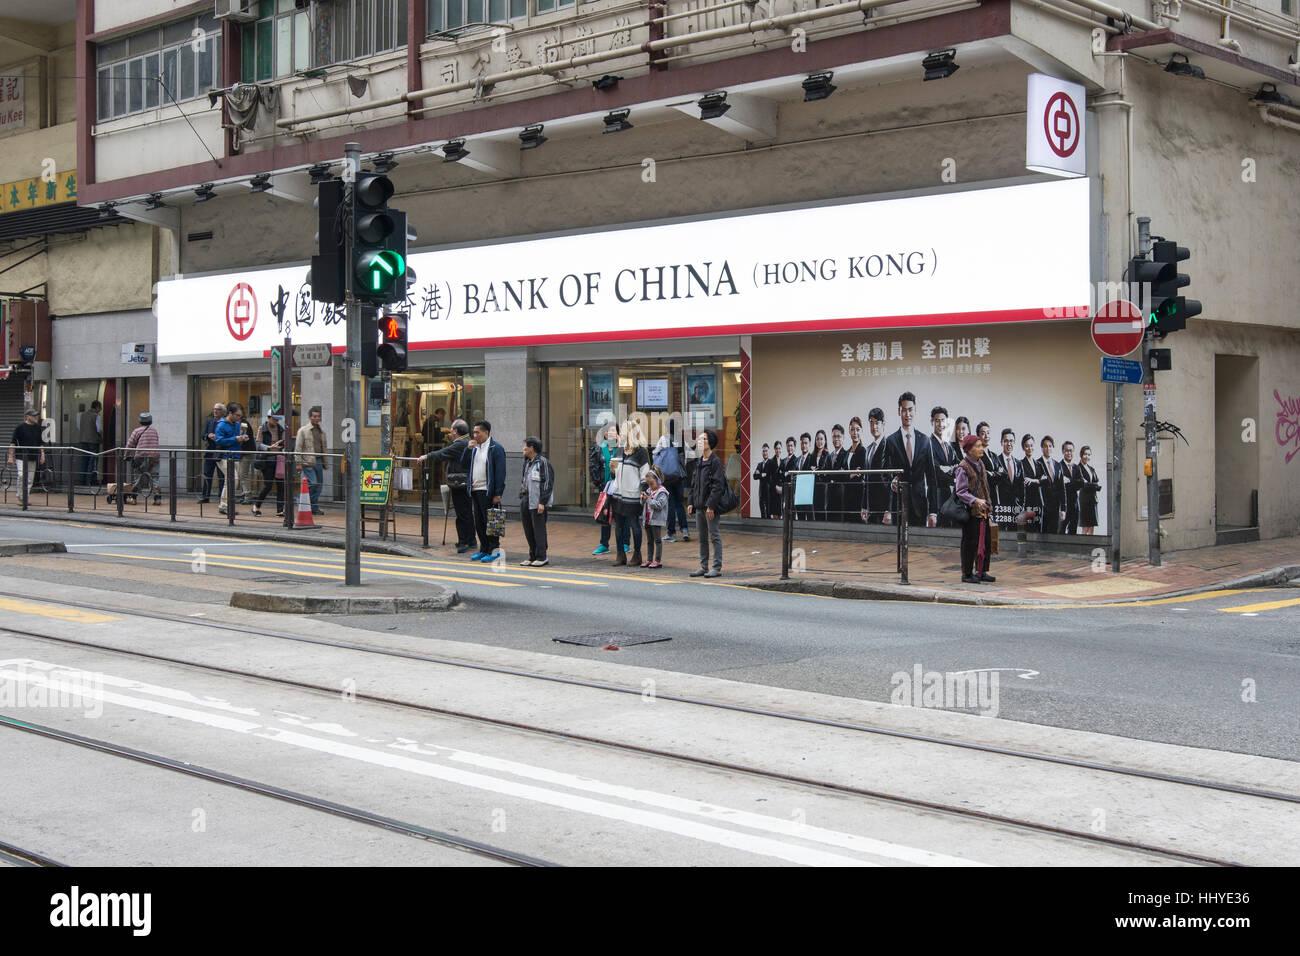 Bank of China branch in Hong Kong - Stock Image